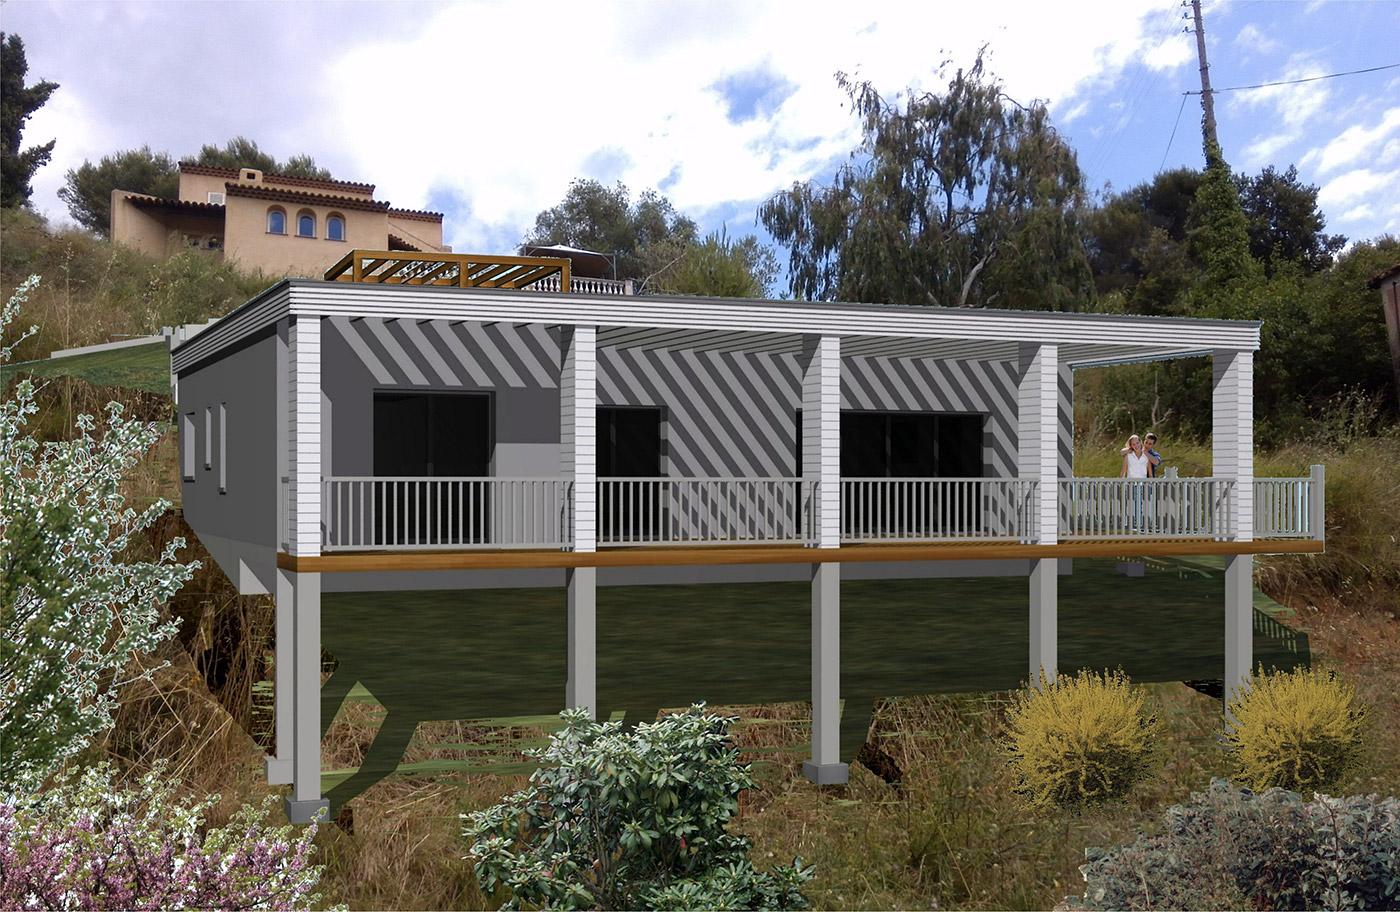 maison ossature bois sun 140 d 39 amb sarl premium la maison bois par maisons. Black Bedroom Furniture Sets. Home Design Ideas